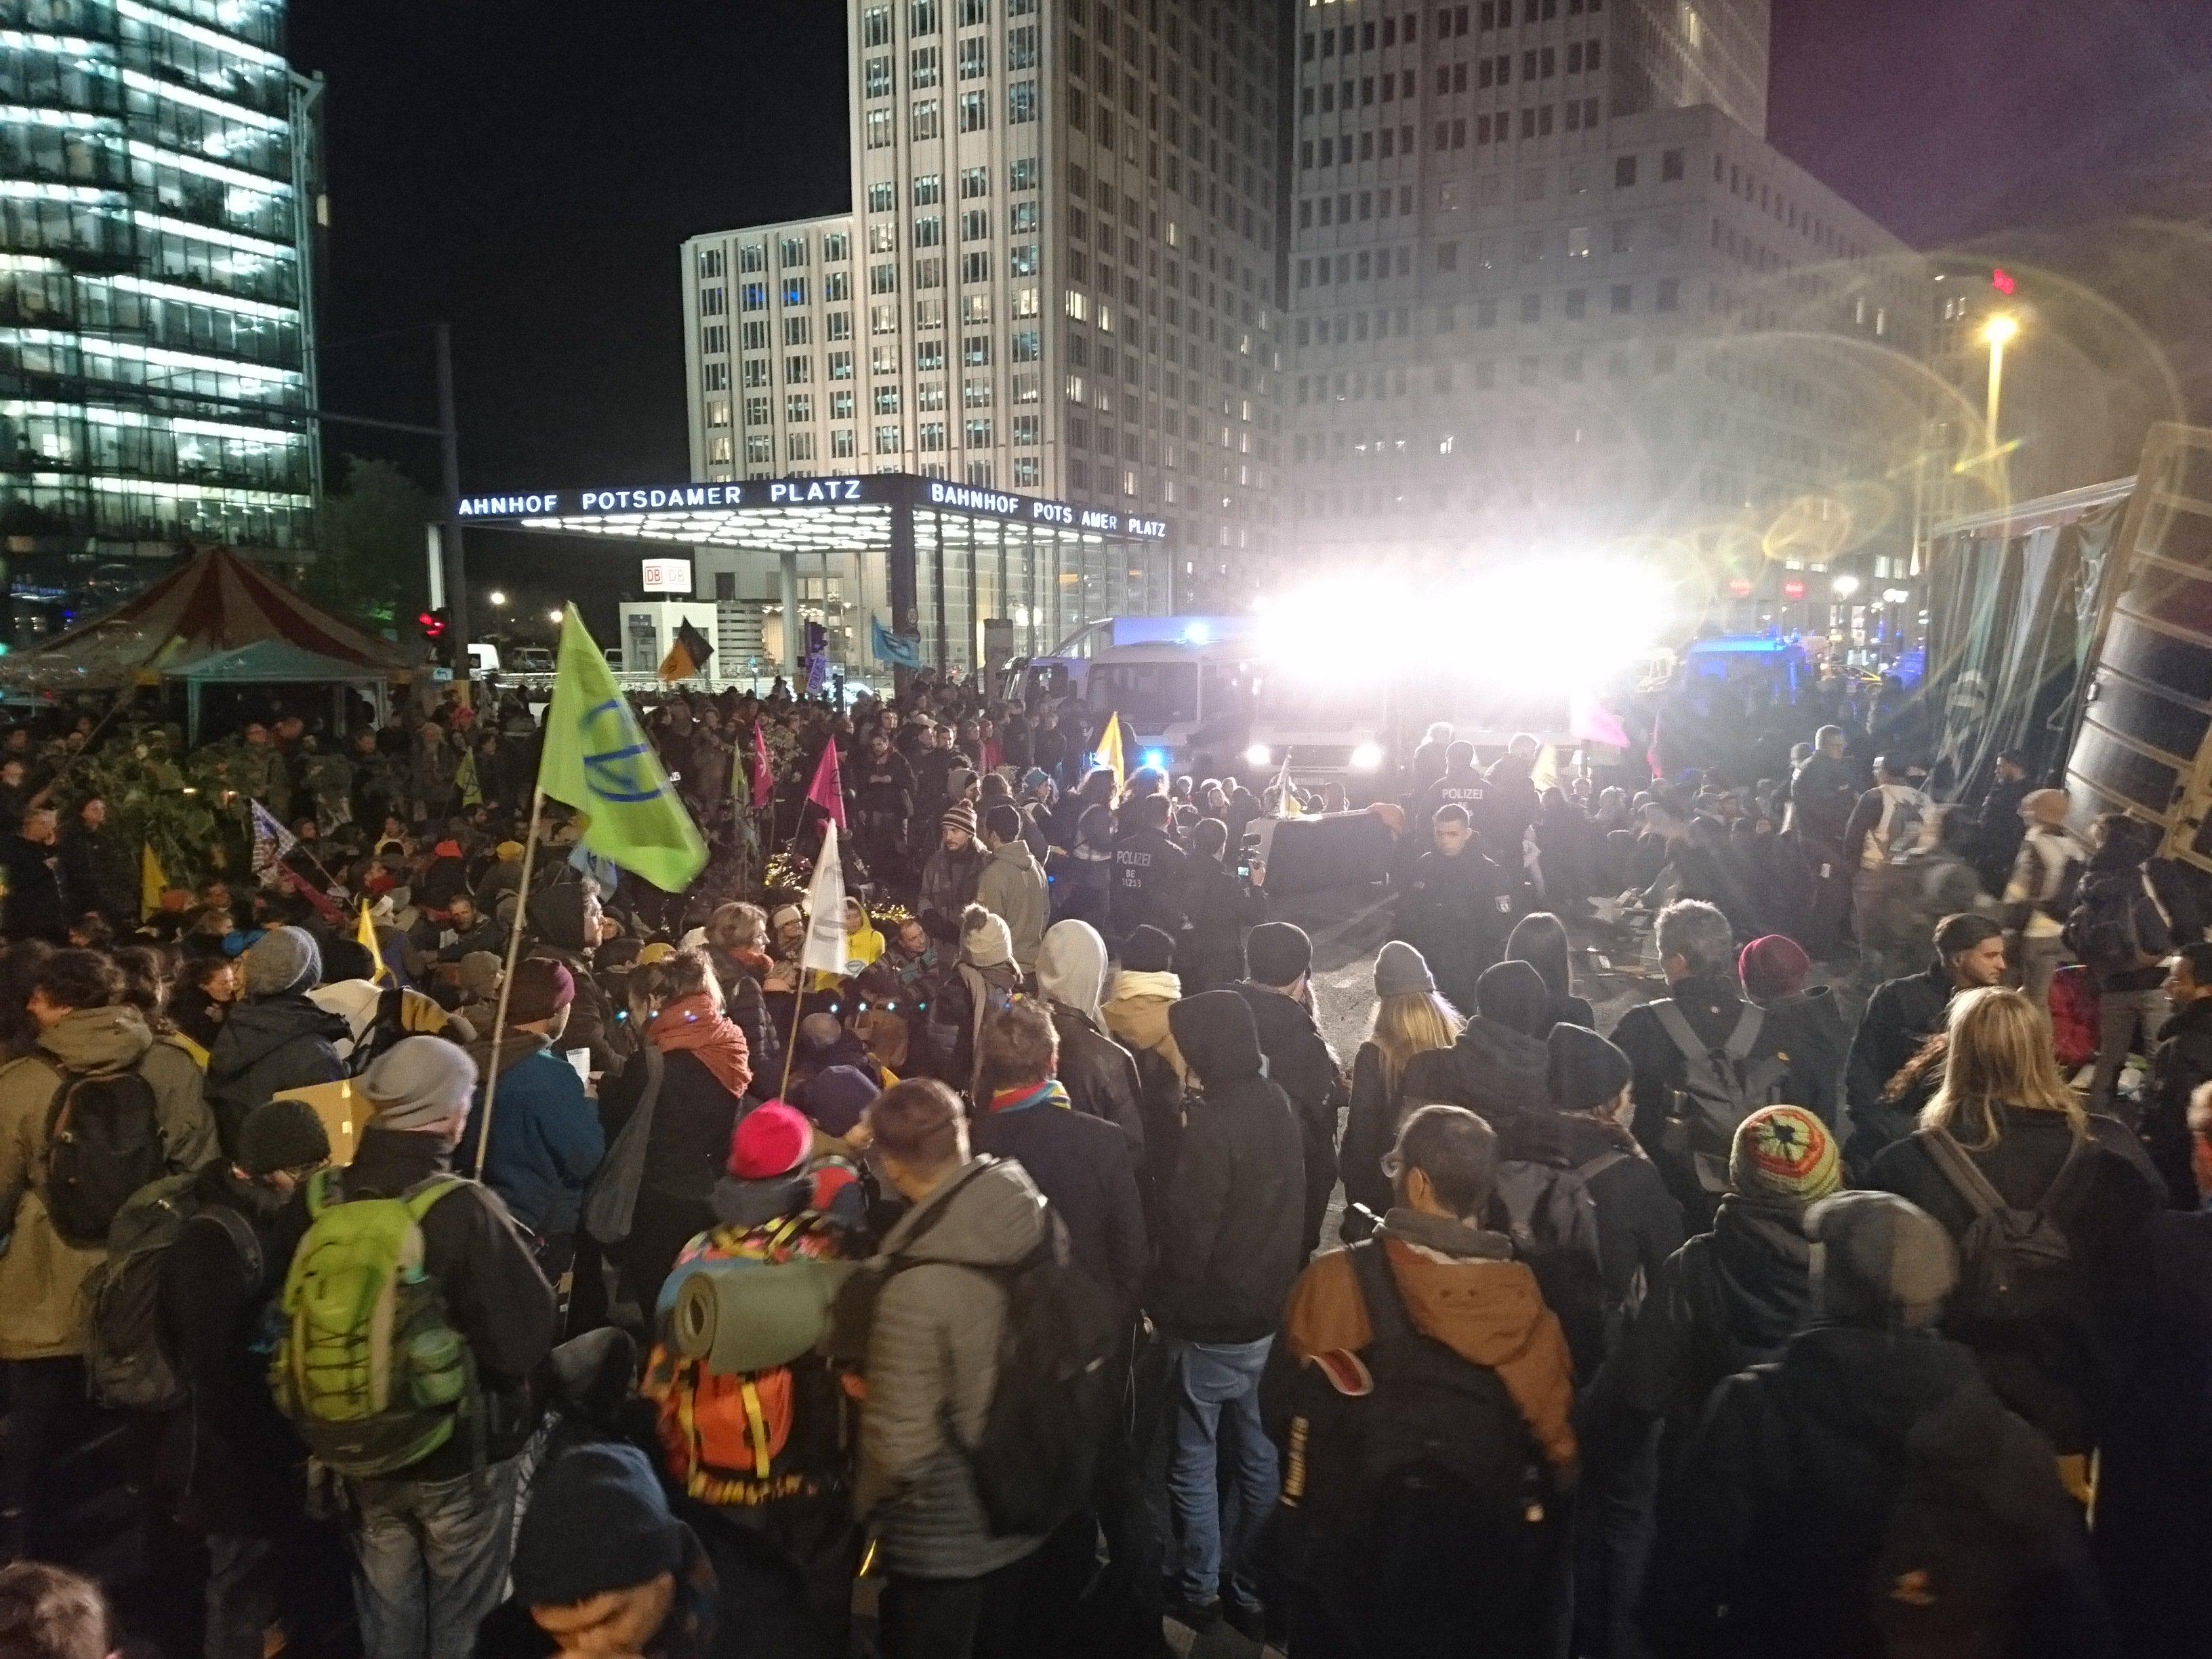 Besetzung am Potsdamer Platz